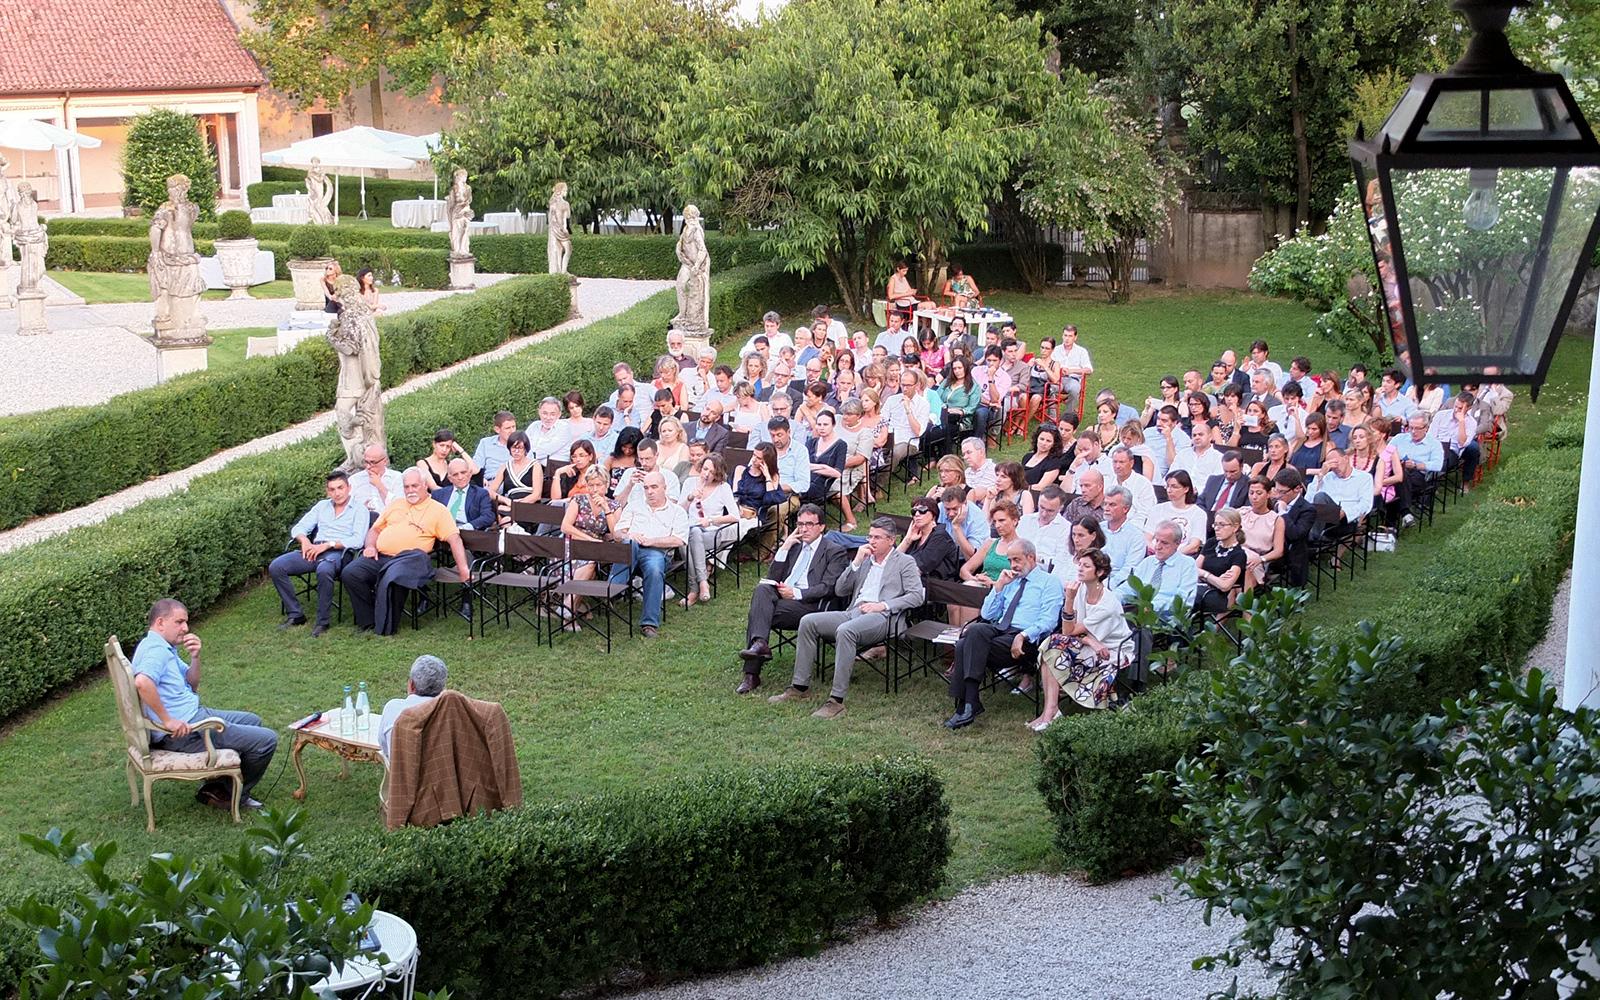 giardino esterno convegni, giardino esterno eventi business, giardino esterno meeting, giardino per eventi privati